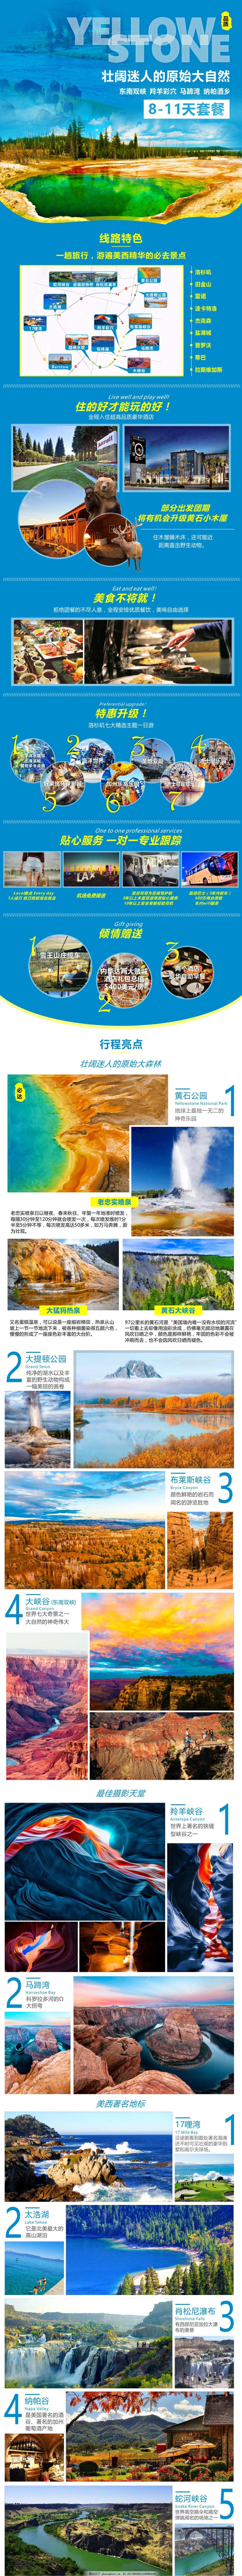 淘宝美国旅游详情页黄石国家公园